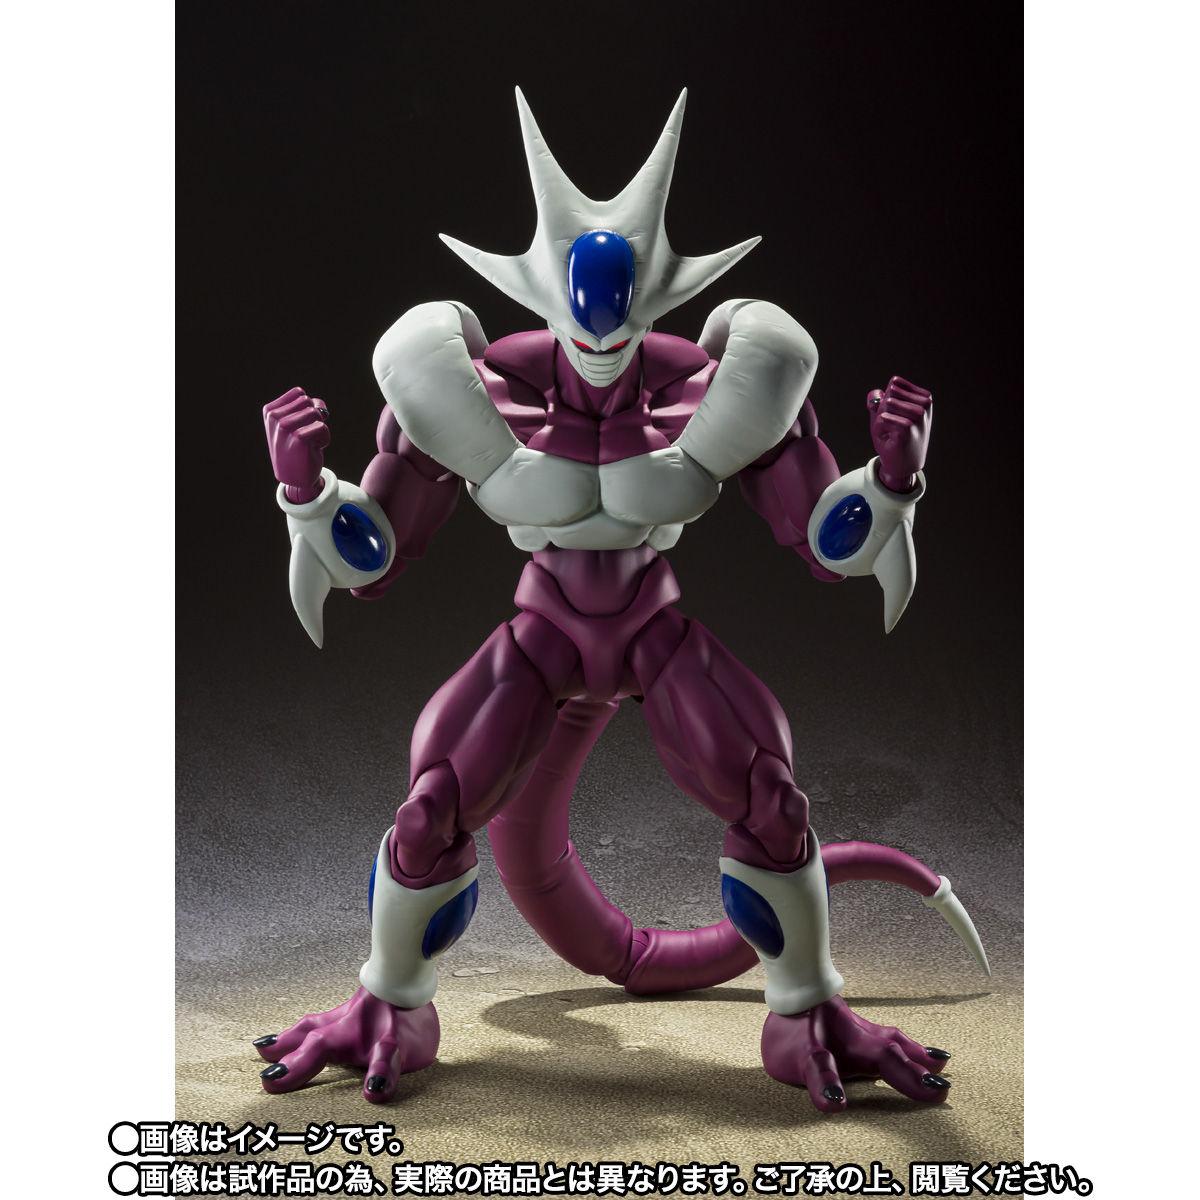 【限定販売】S.H.Figuarts『クウラ 最終形態』ドラゴンボールZ 可動フィギュア-003